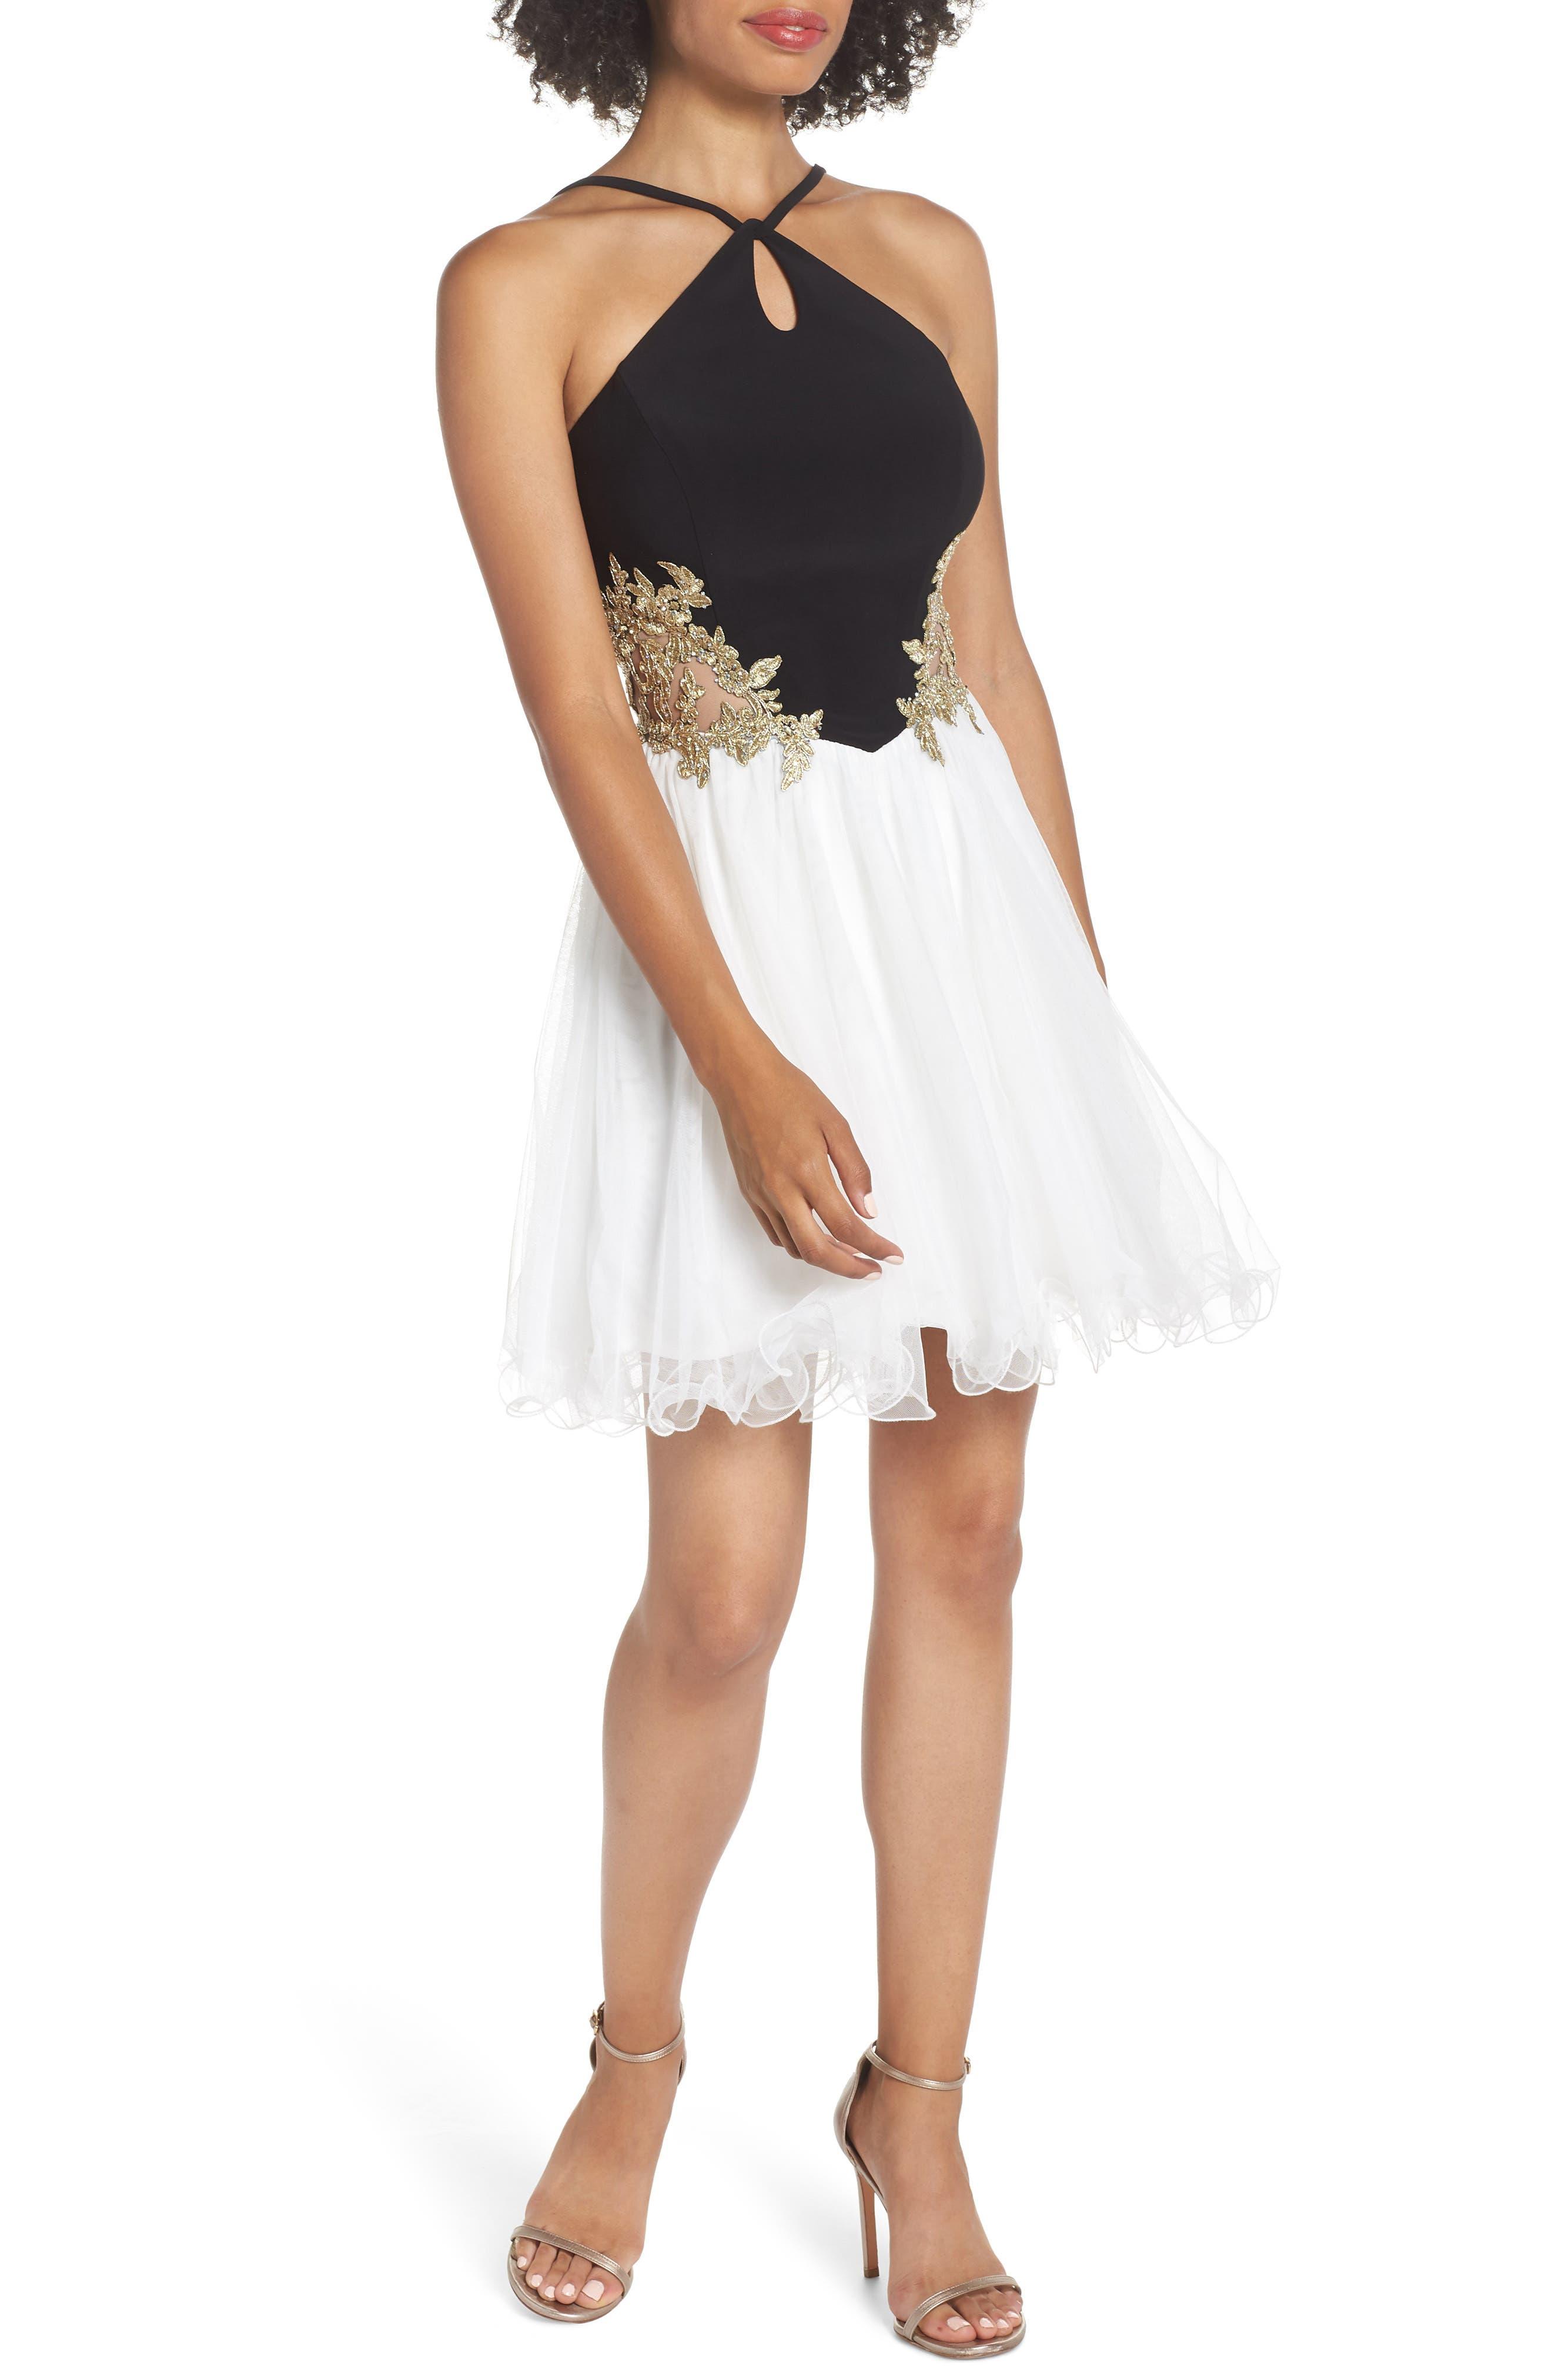 Blondie Nites Loop Keyhole Applique Fit & Flare Dress, Black